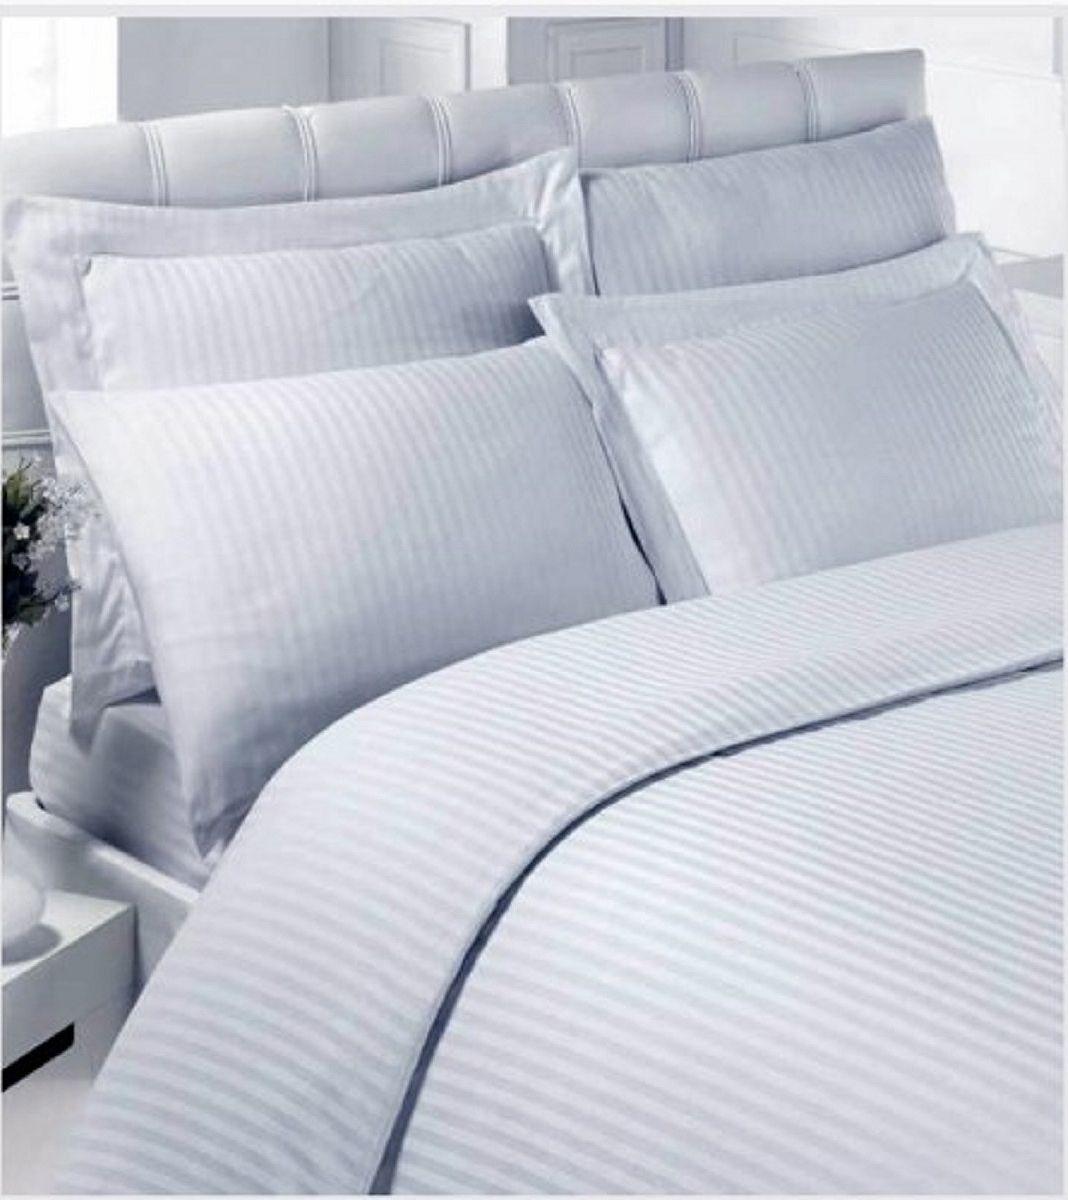 Комплект белья Karna, гостиничное, 2-х спальное, наволочки 50x70. 219/2219/2